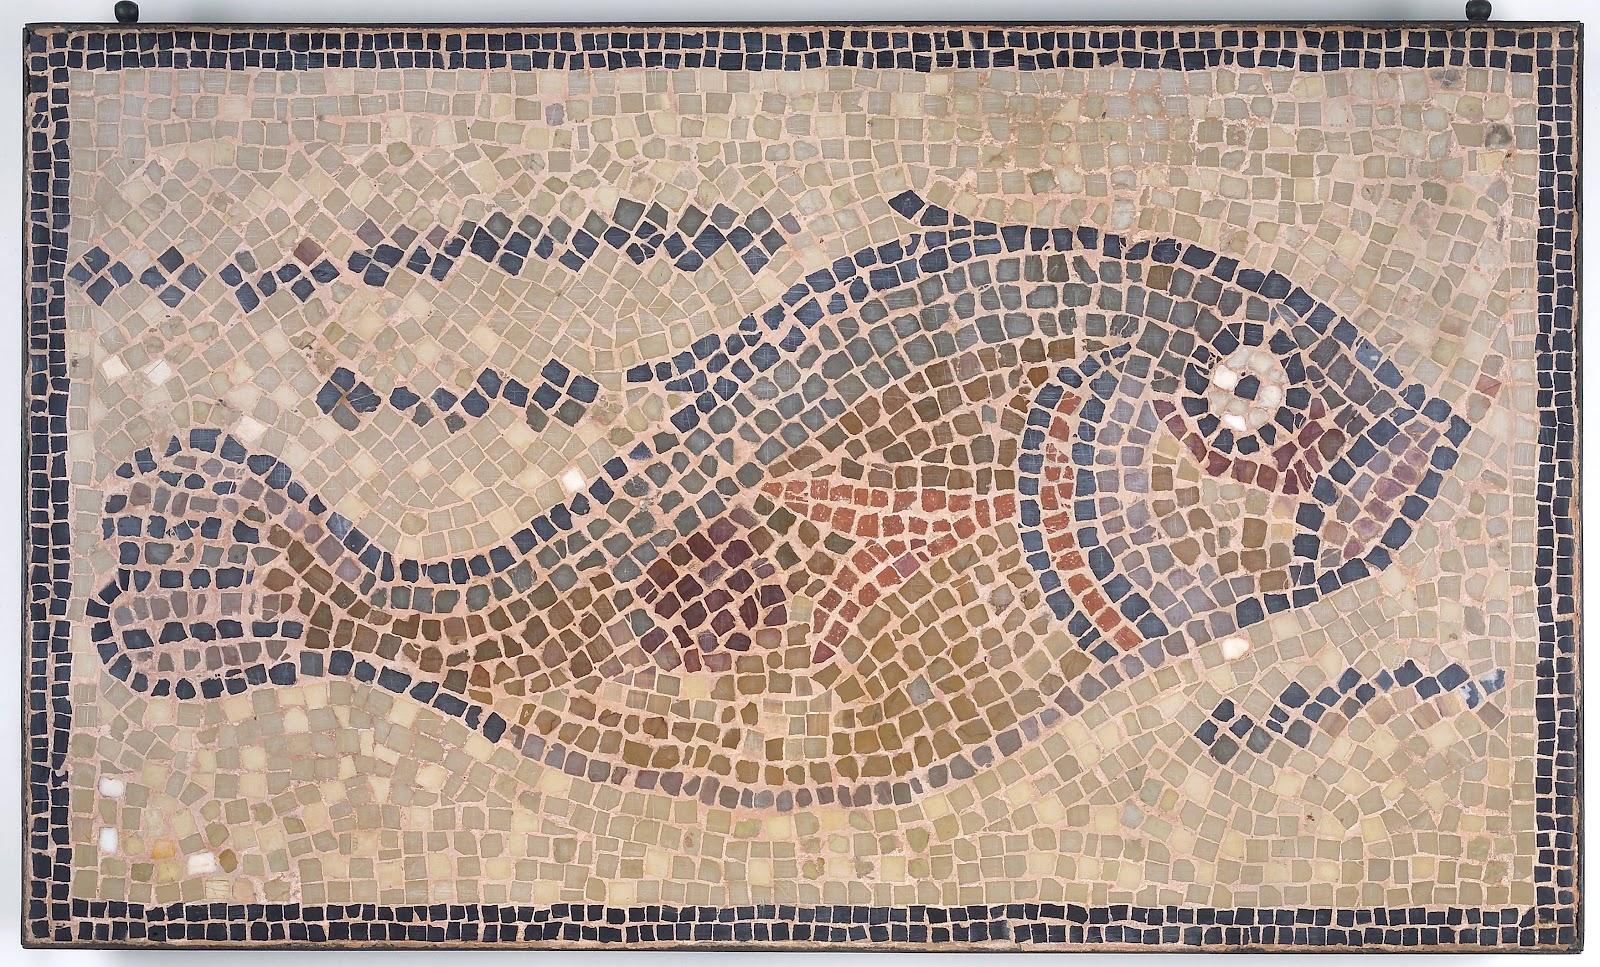 Matador art jelly bean art sand art mosaics pontillism for El mural de mosaicos